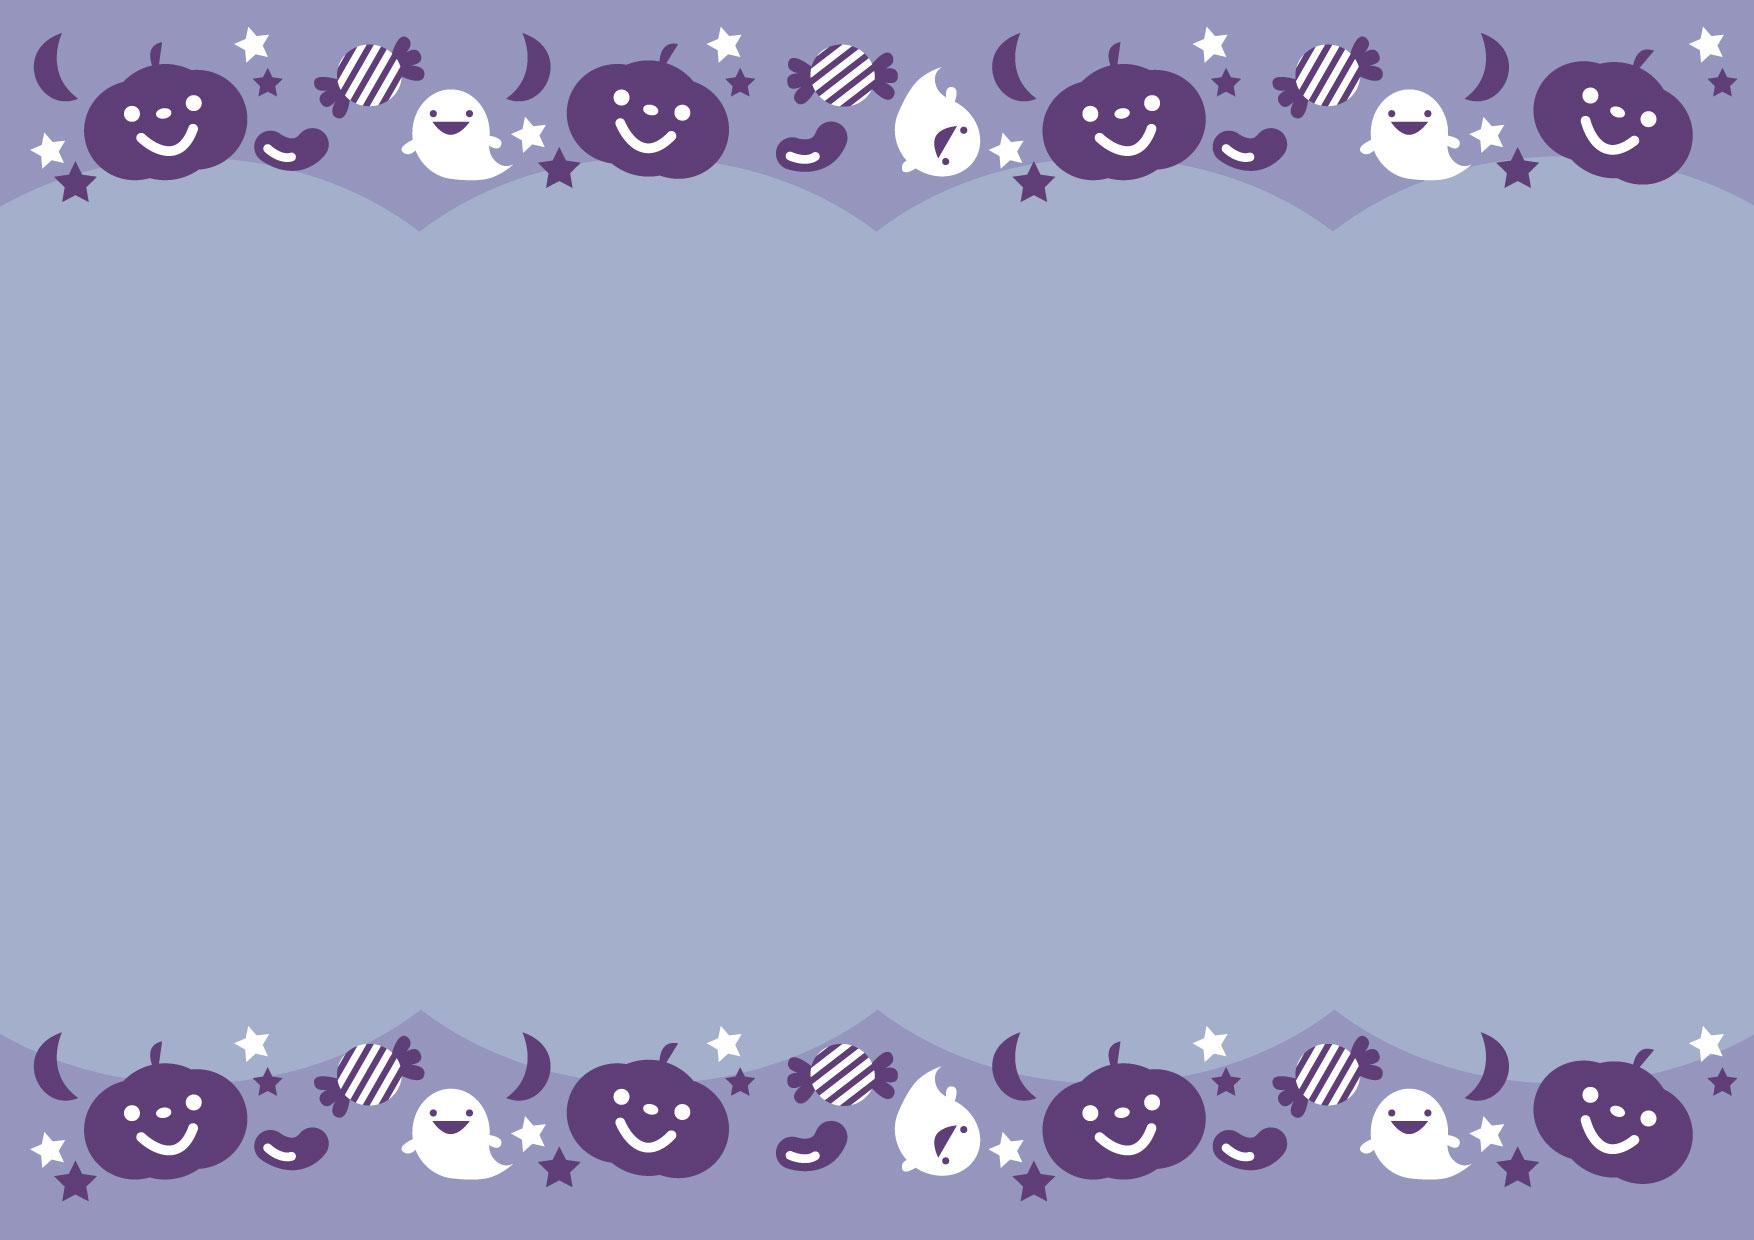 可愛いイラスト無料|ハロウィン 背景 青色 − free illustration Halloween background blue